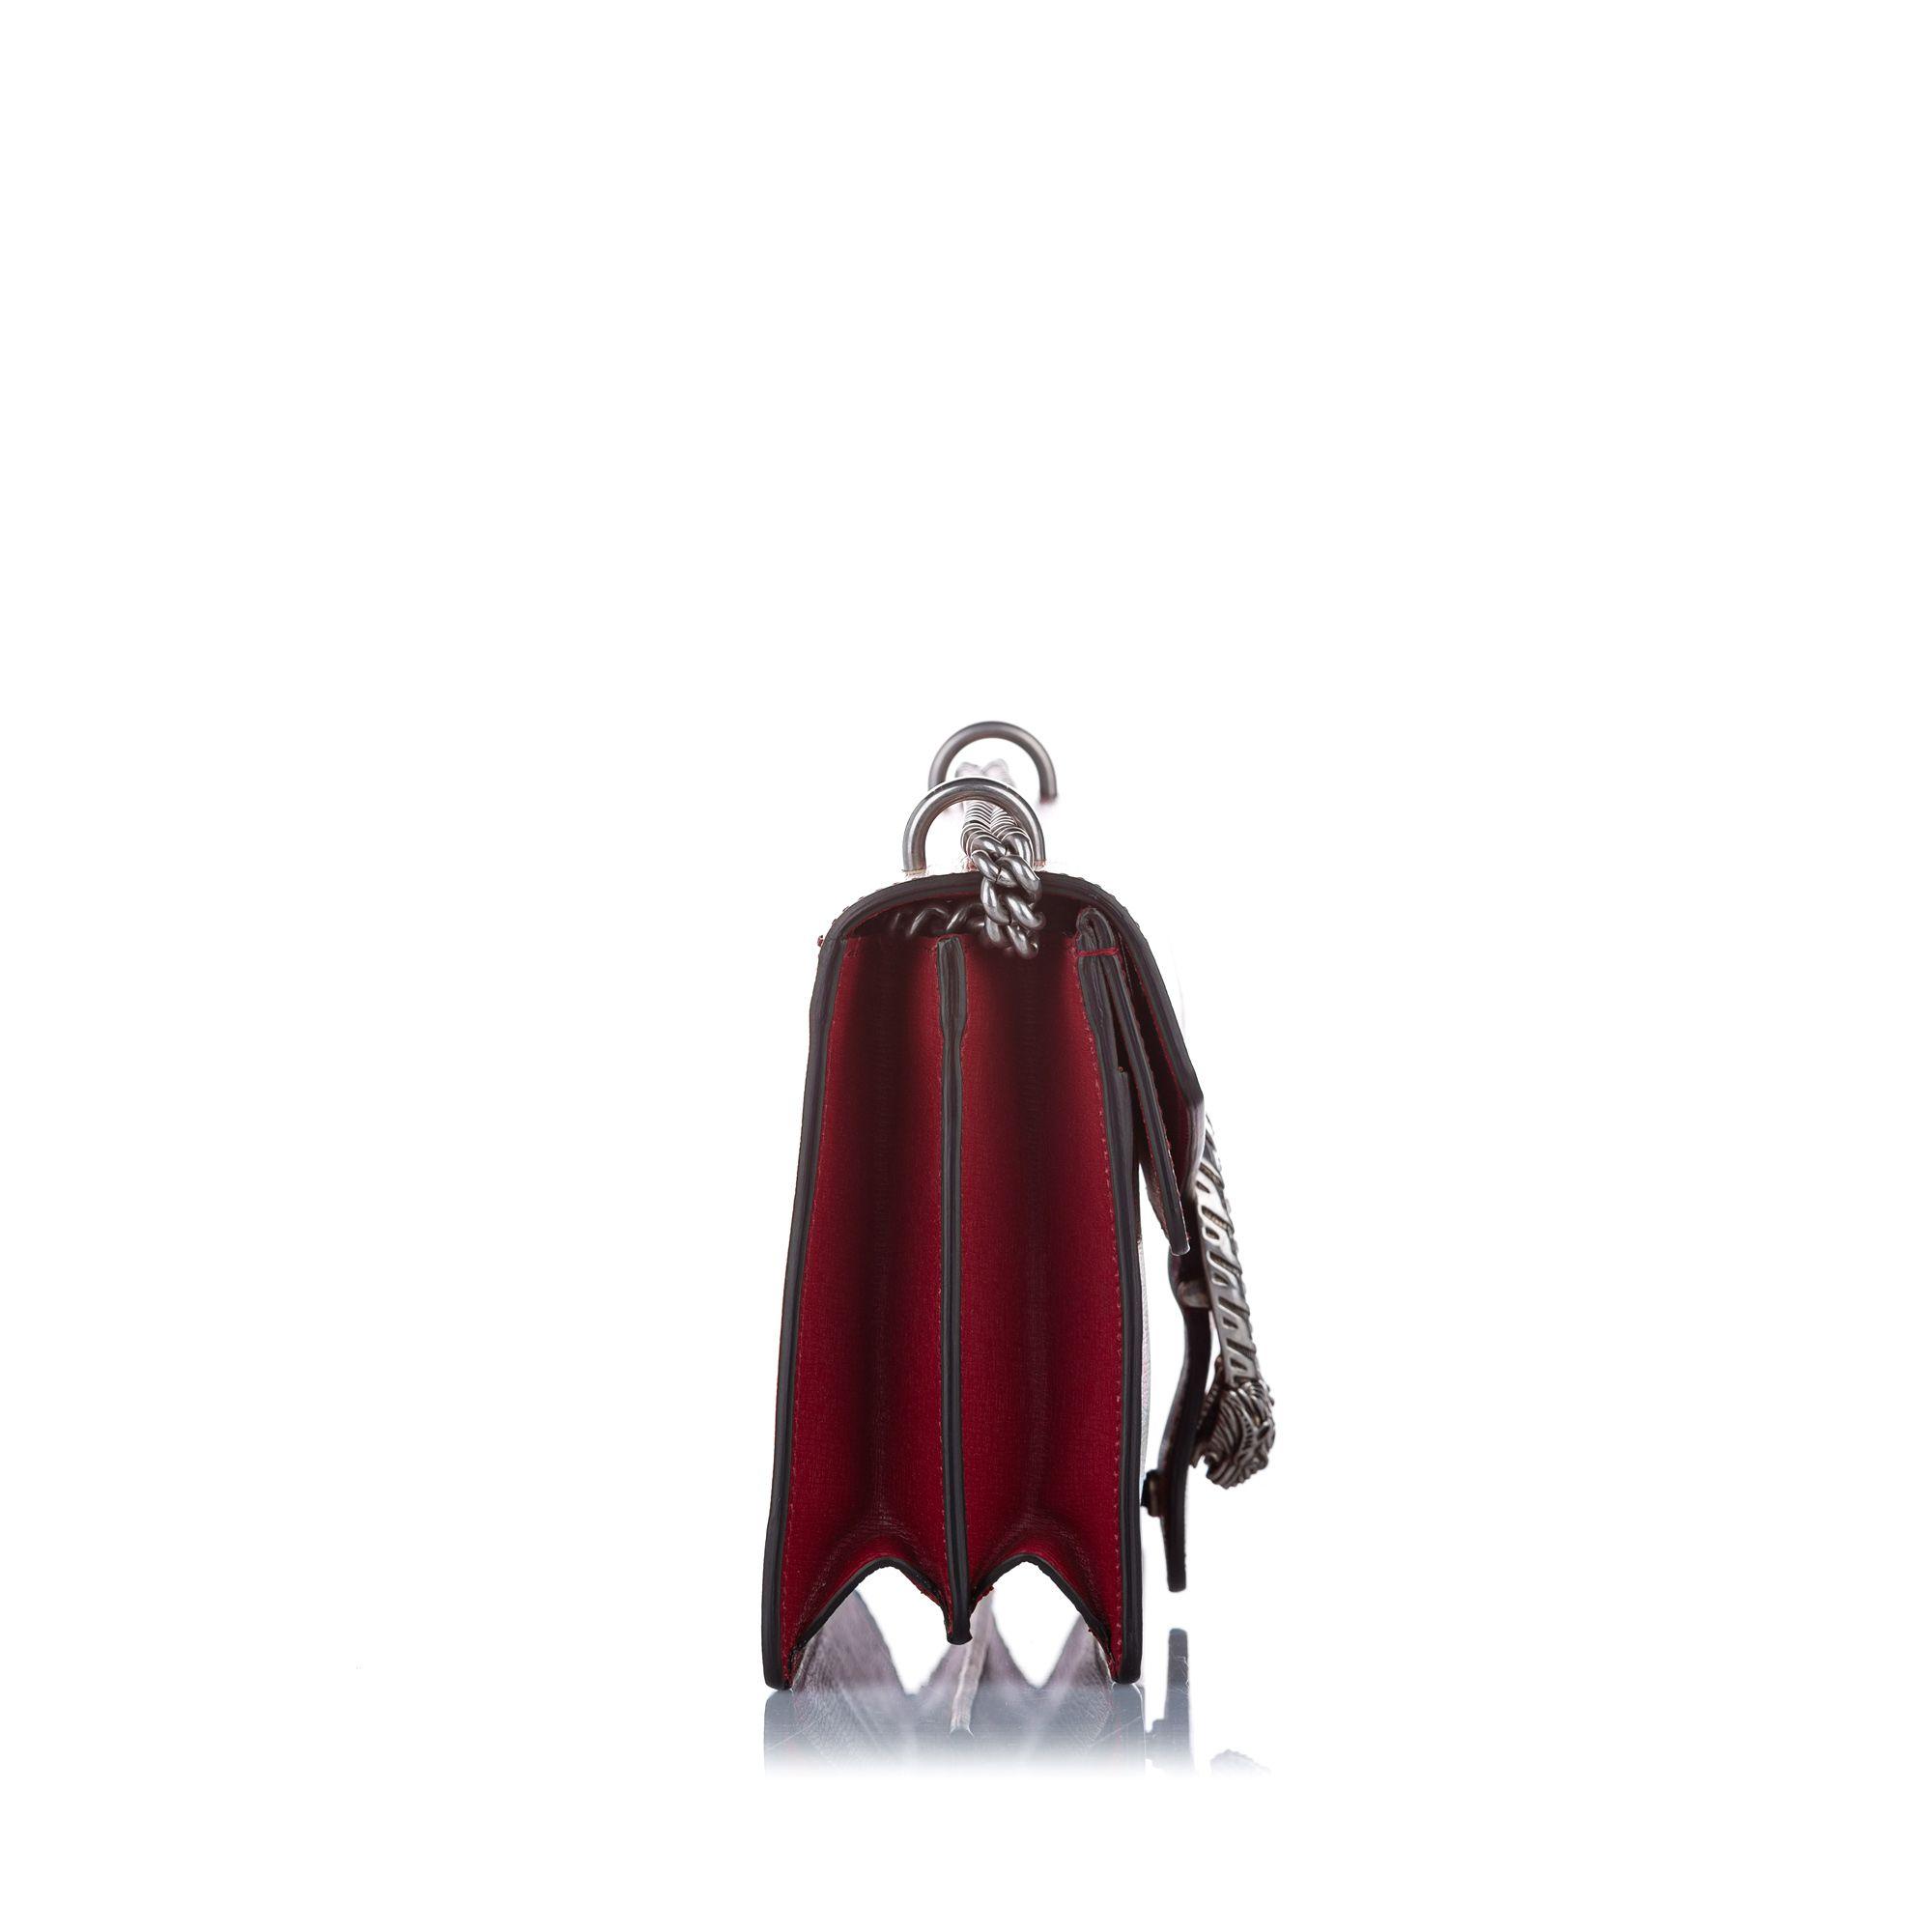 Vintage Gucci Dionysus Blooms Leather Shoulder Bag Red